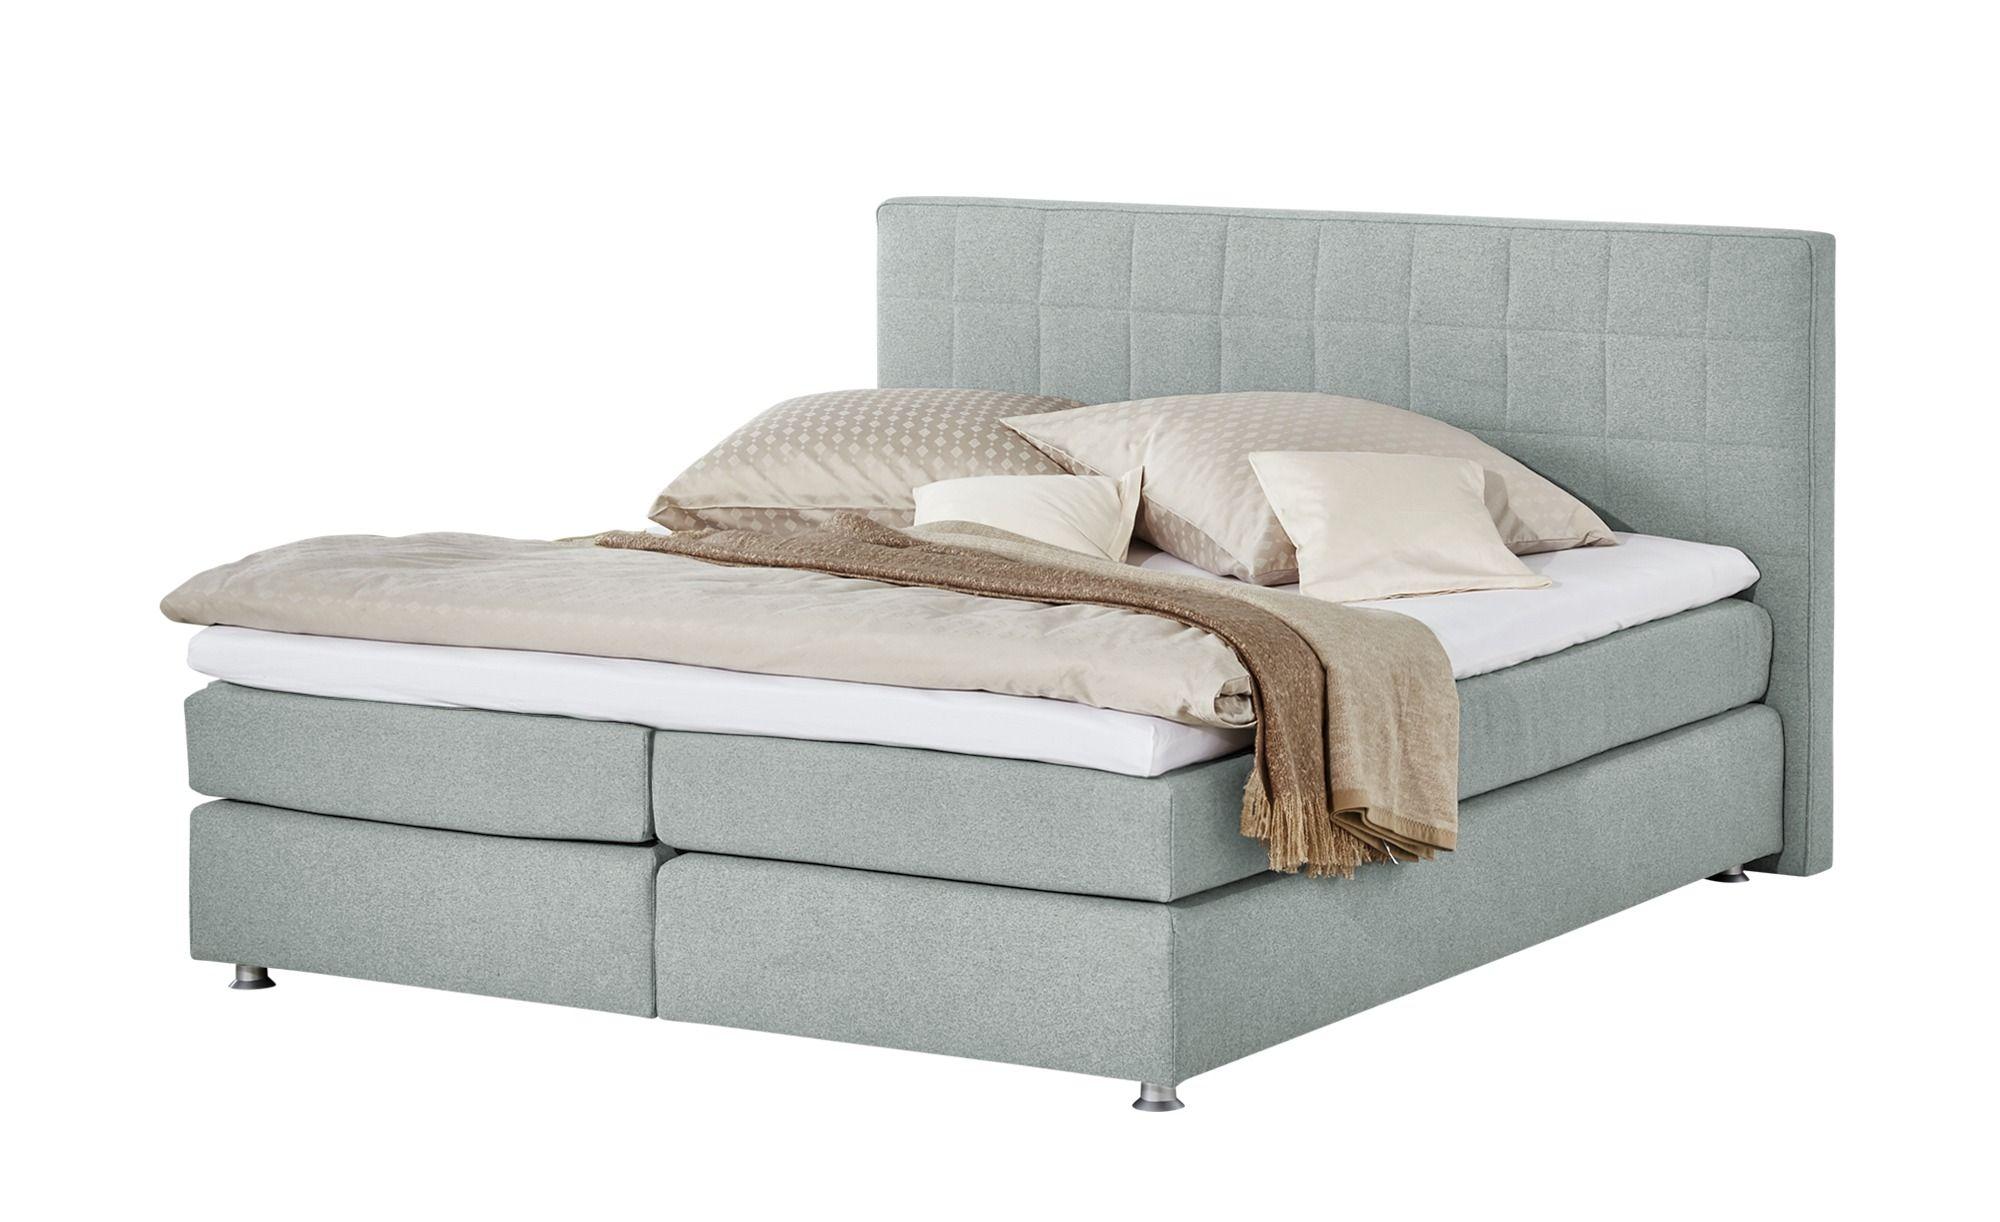 Bettgestell 180x200 Weiss Holz Schlafzimmer Bett Gunstig Bett